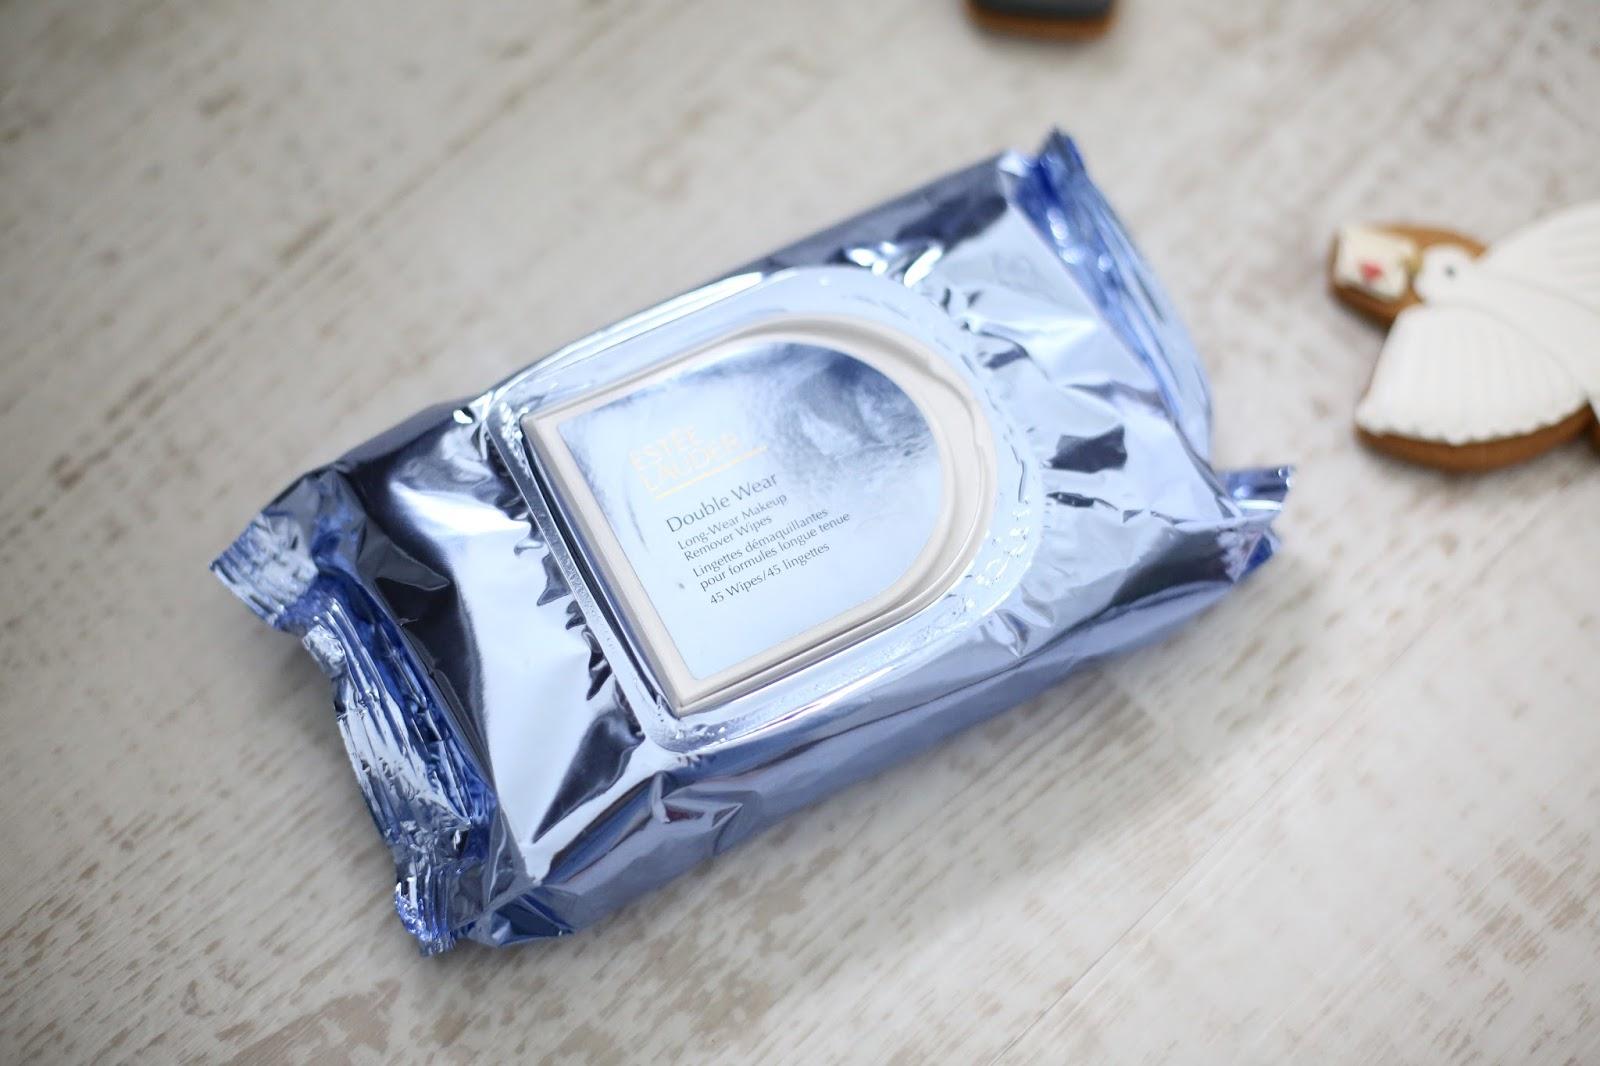 esteem Lauder double wear make up remover